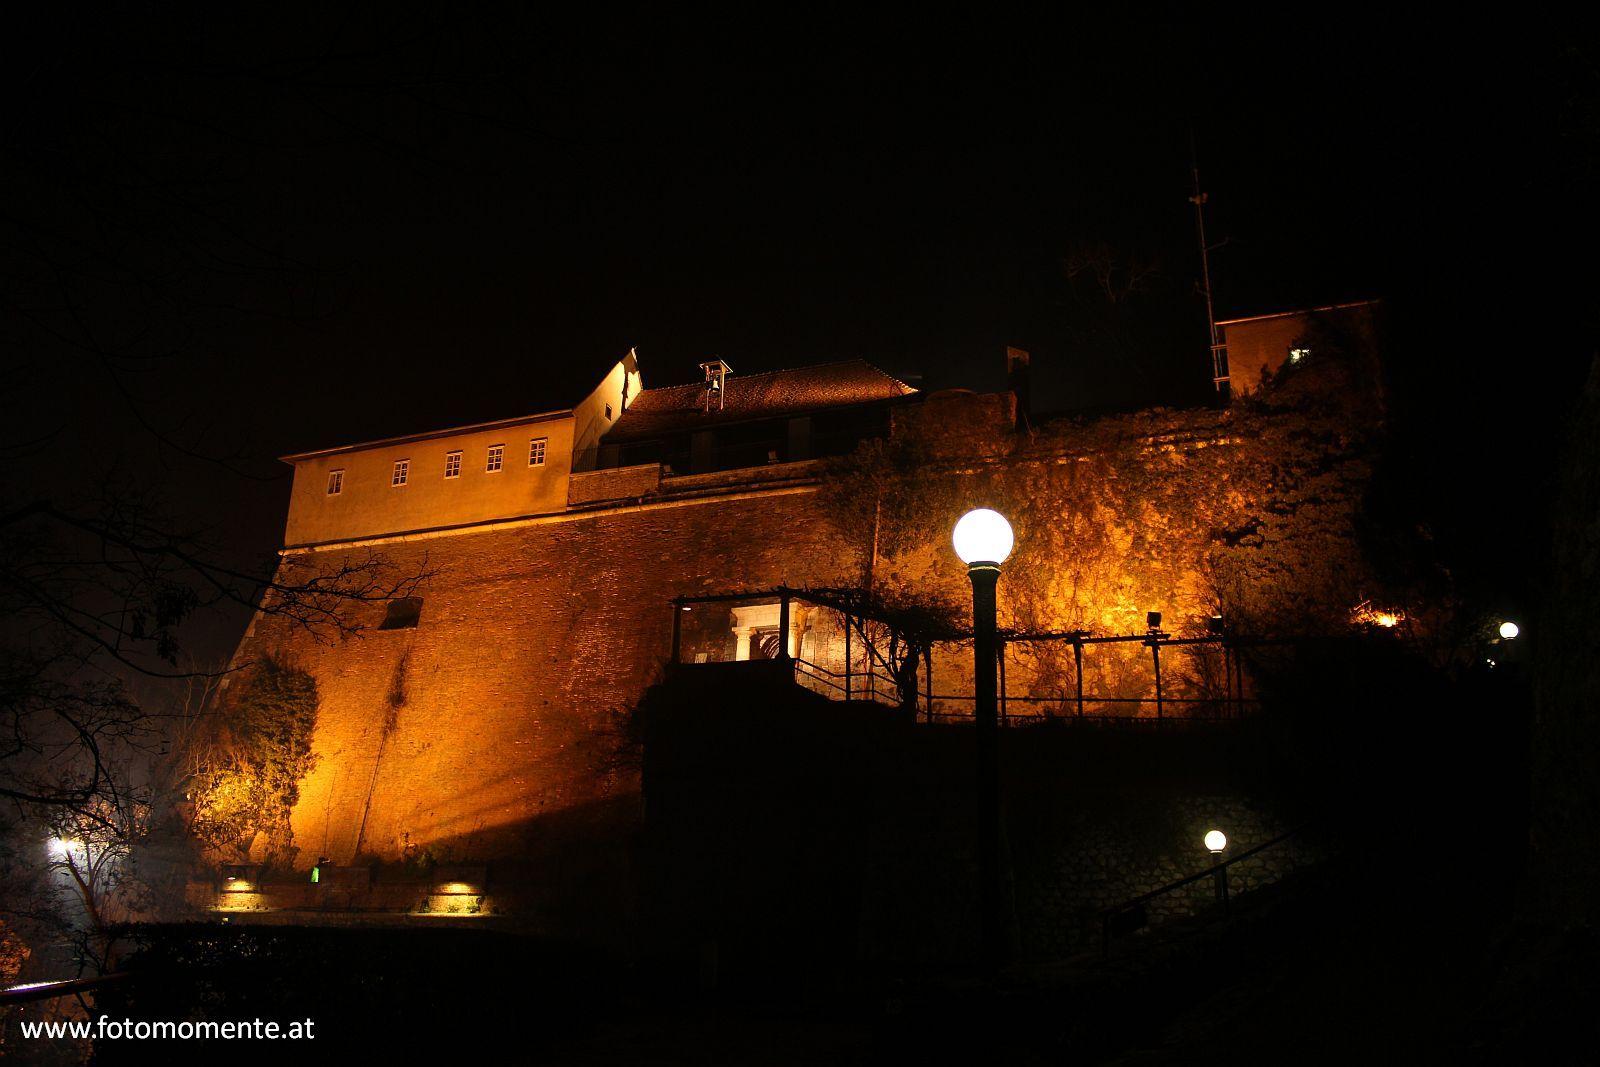 stallbastei schlossberg graz nacht - Stallbastei am Grazer Schlossberg bei Nacht